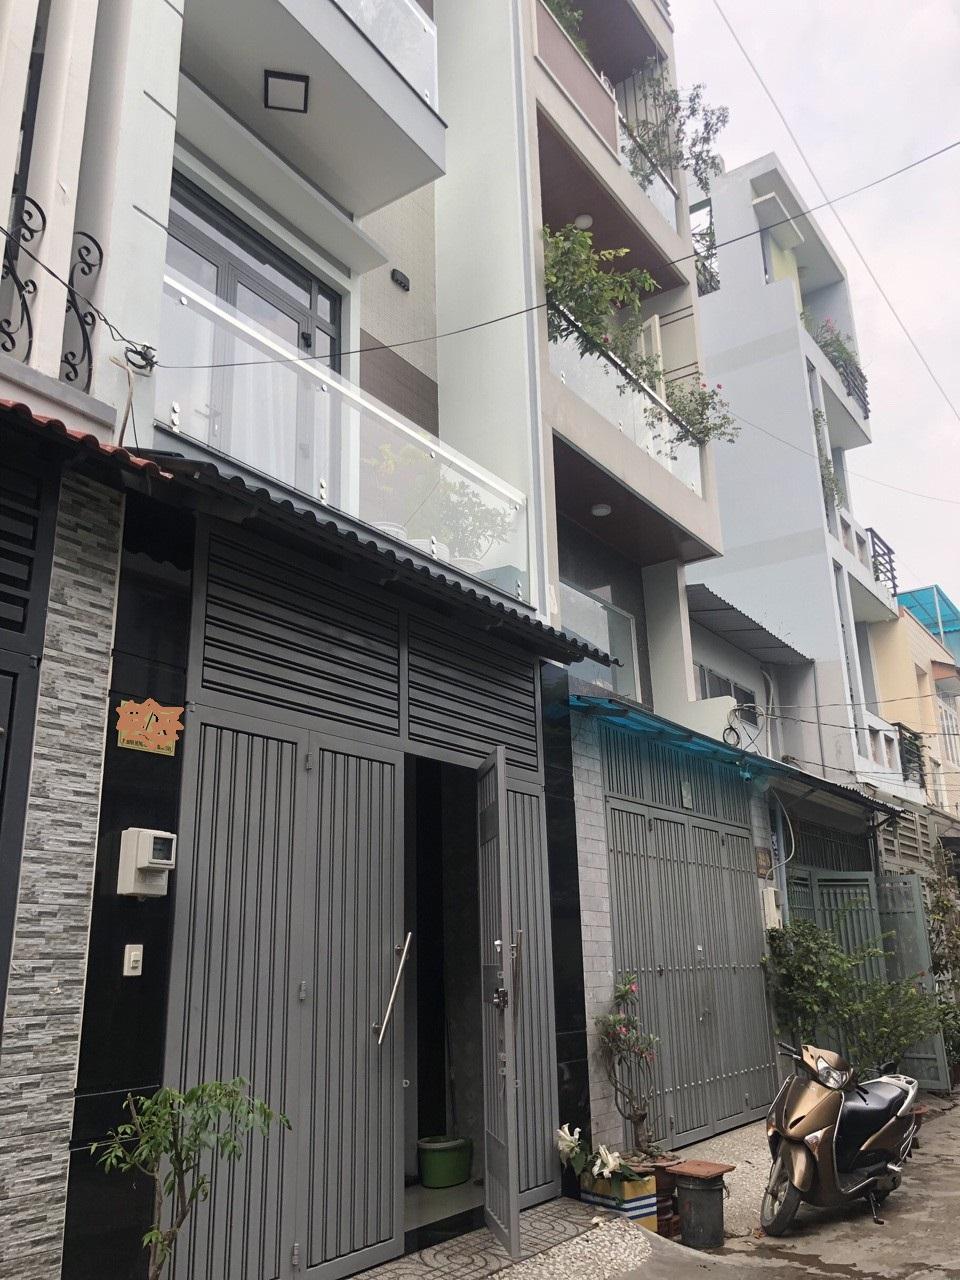 Bán nhà Hẻm xe hơi Đường số 5 phường Bình Hưng Hòa quận Bình Tân. DT 4x12m đúc 4 tấm